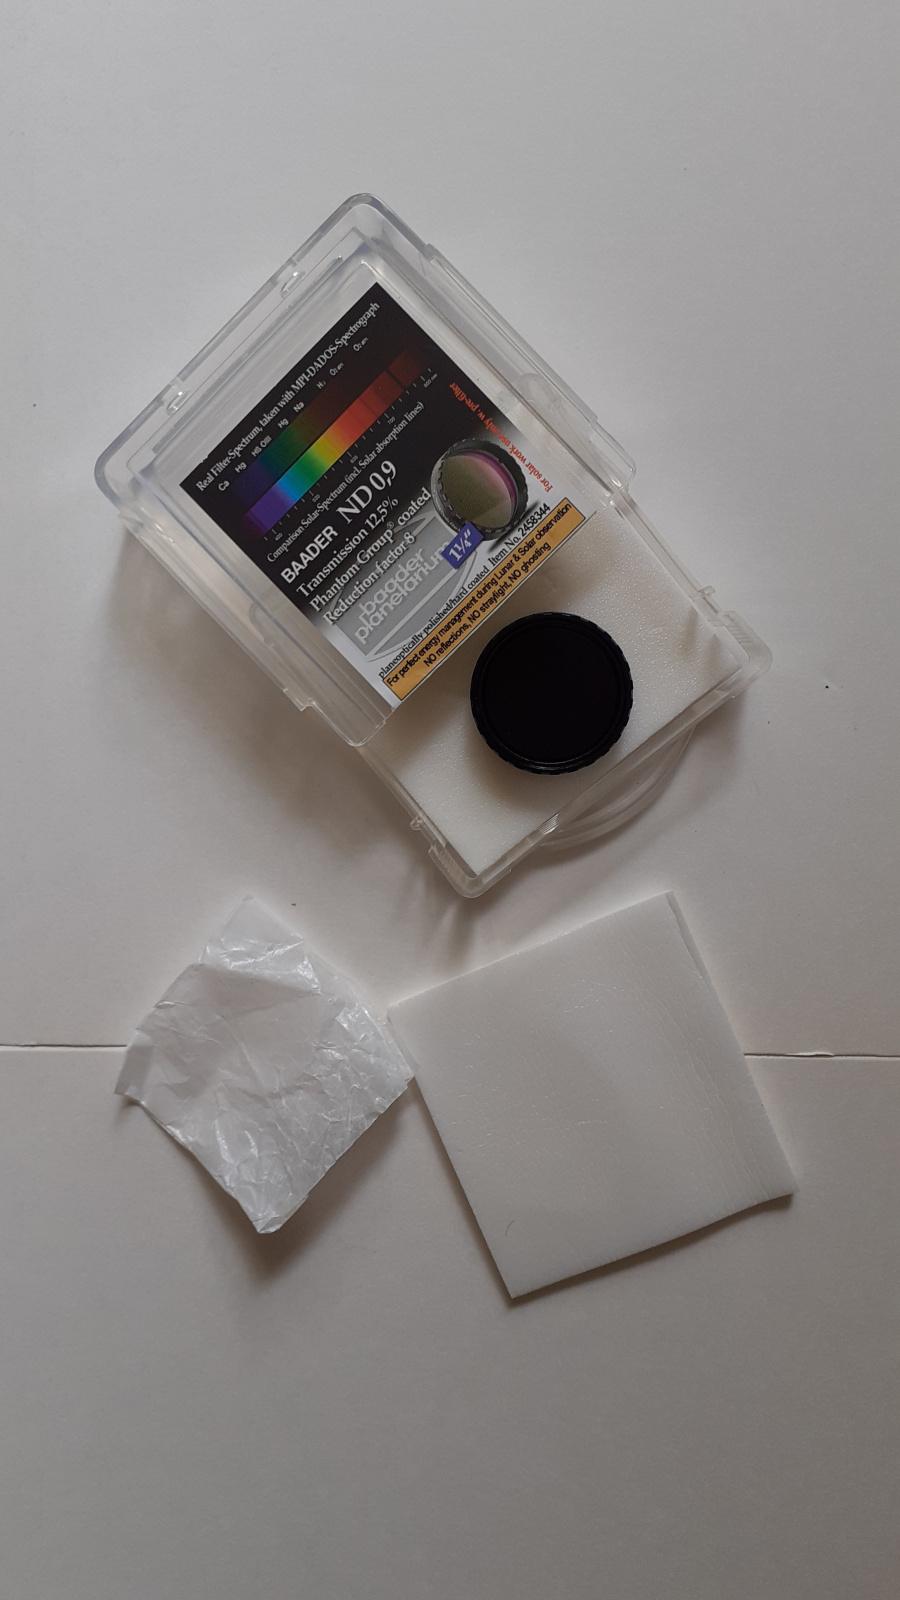 Filtr szary 12.5% Baader 1.25 (2).jpg